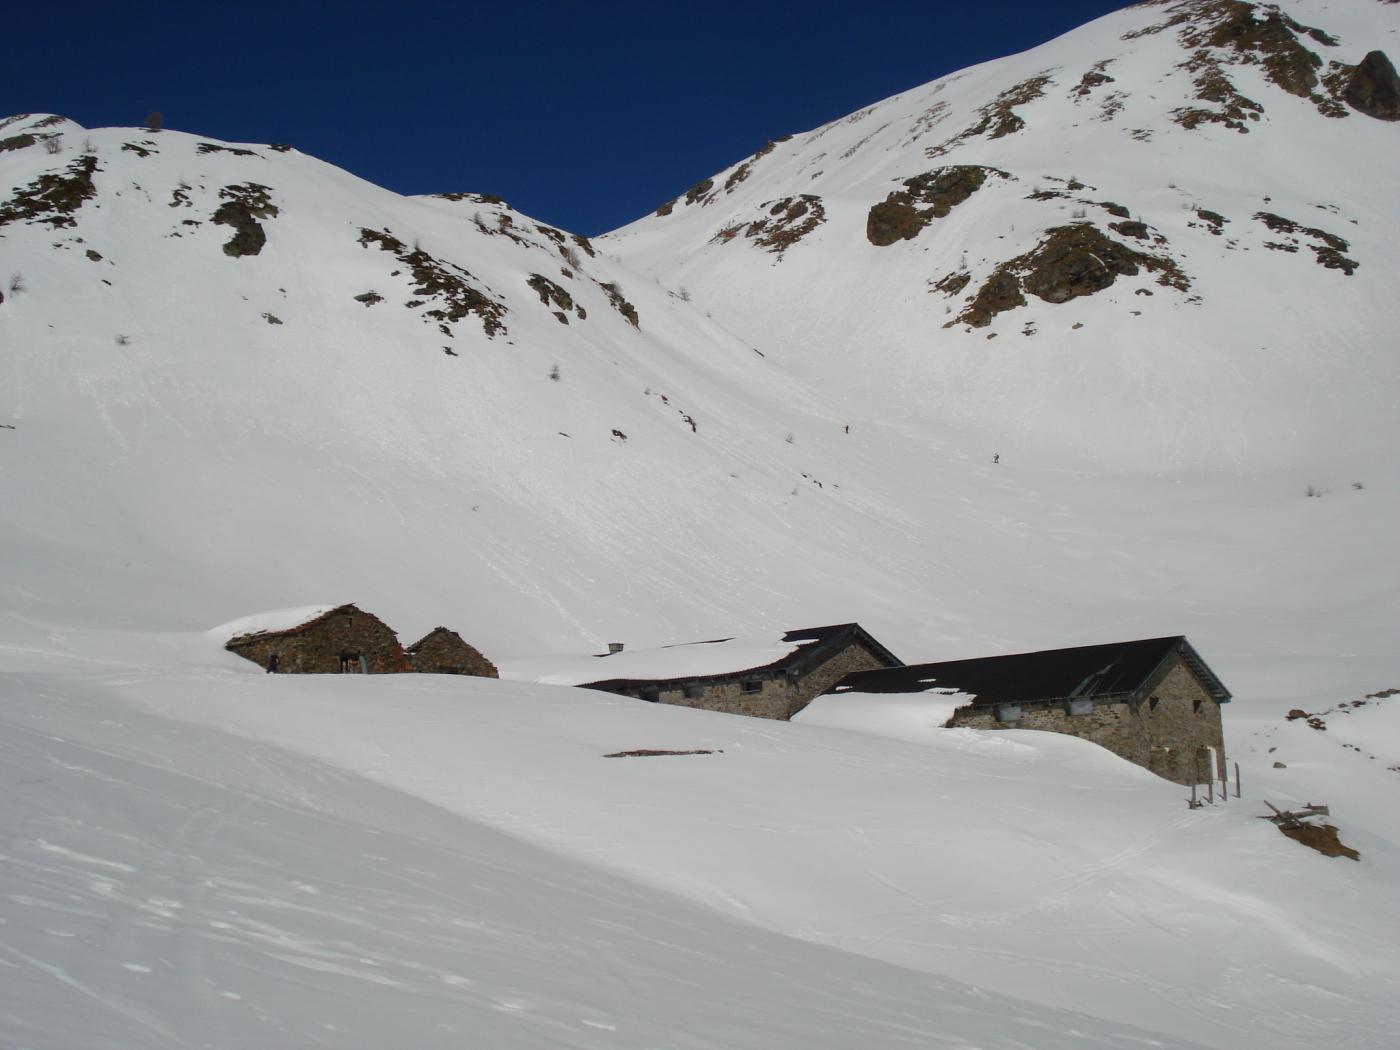 Le baite Tsa de Flassin da dove l'itinerario diretto per la Testa di Cordella svolta da quello per il Flassin